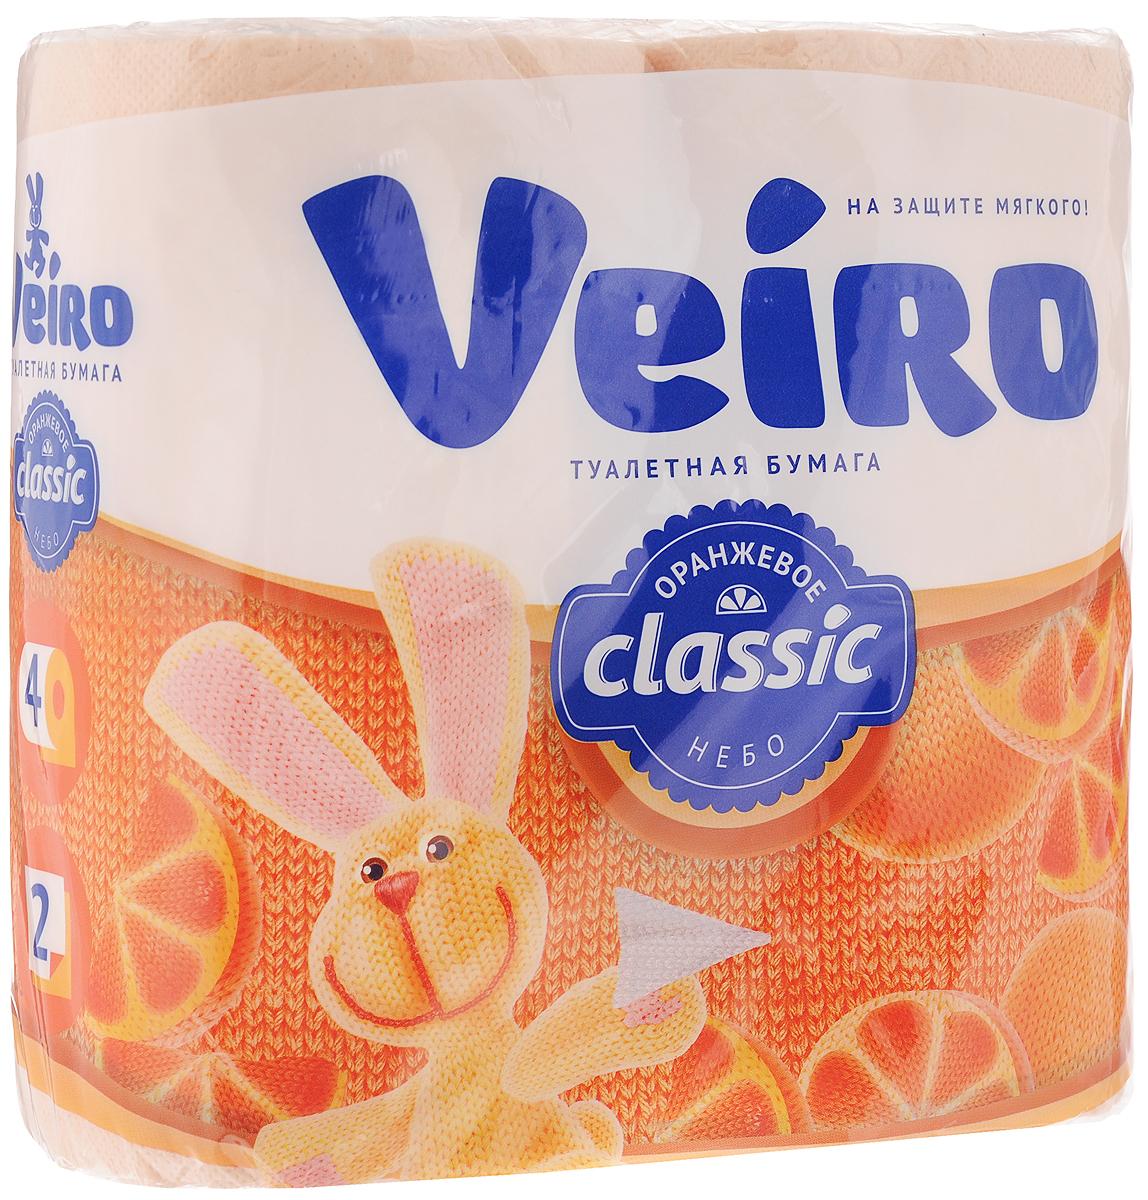 """Ароматизированная туалетная бумага Veiro """"Classic. Цитрус"""", выполнена из облагороженной  макулатуры и обладает приятным ароматом апельсина. Двухслойная туалетная бумага мягкая,  нежная, но в тоже время прочная, с отрывом по линии перфорации. Листы имеют рисунок с  тиснением.   Длина рулона: 17,5 м.  Количество слоев: 2.   Размер листа: 12,5 х 9,5 см.  Состав: 100% облагороженная макулатура."""